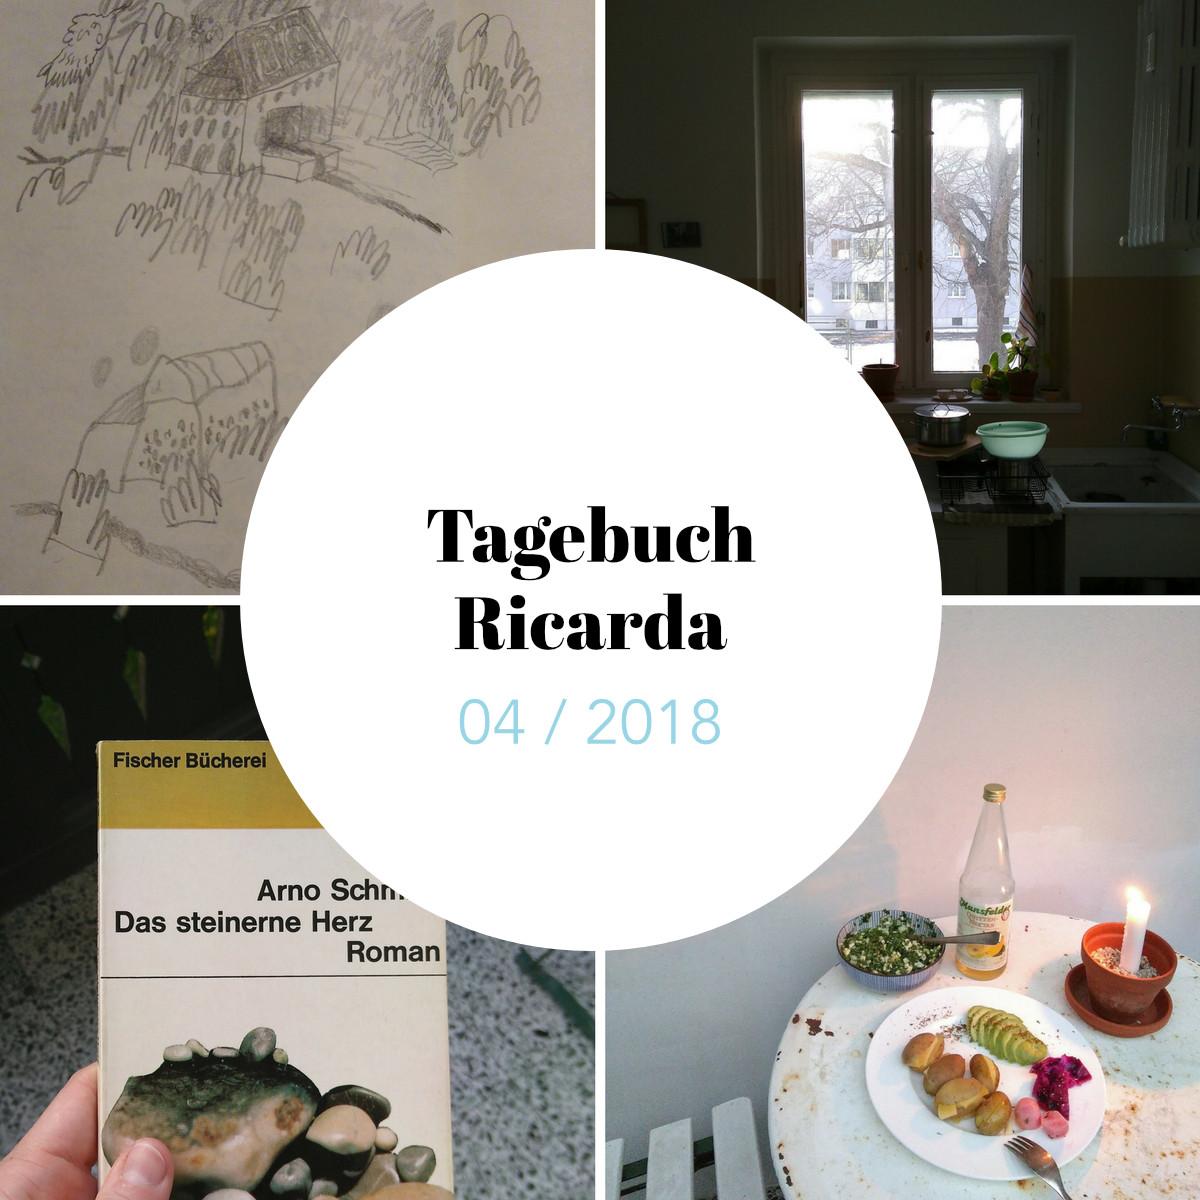 Ricarda-patchwork-bericht-5.jpg